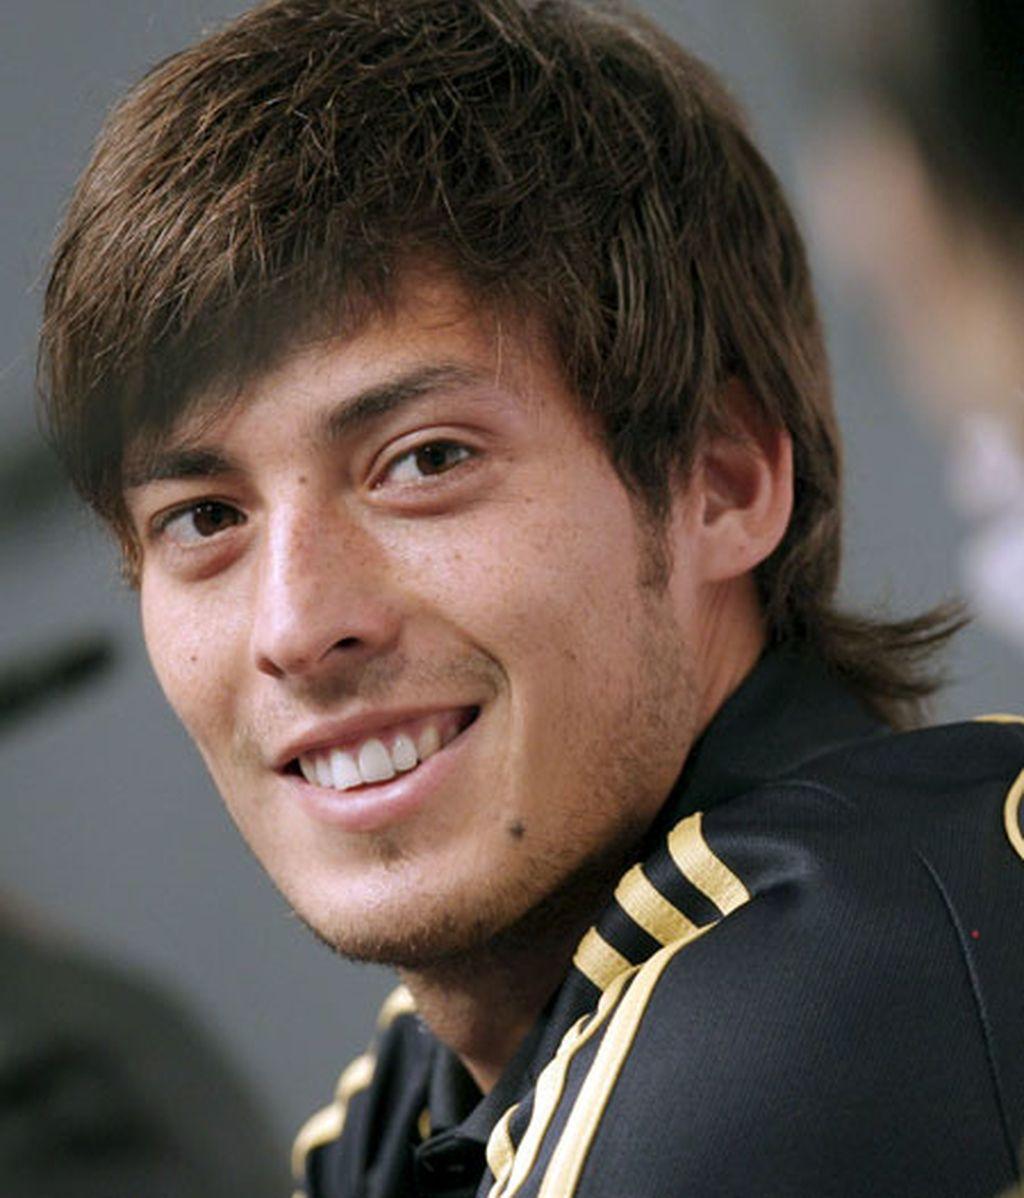 El jugador de la selección David Silva